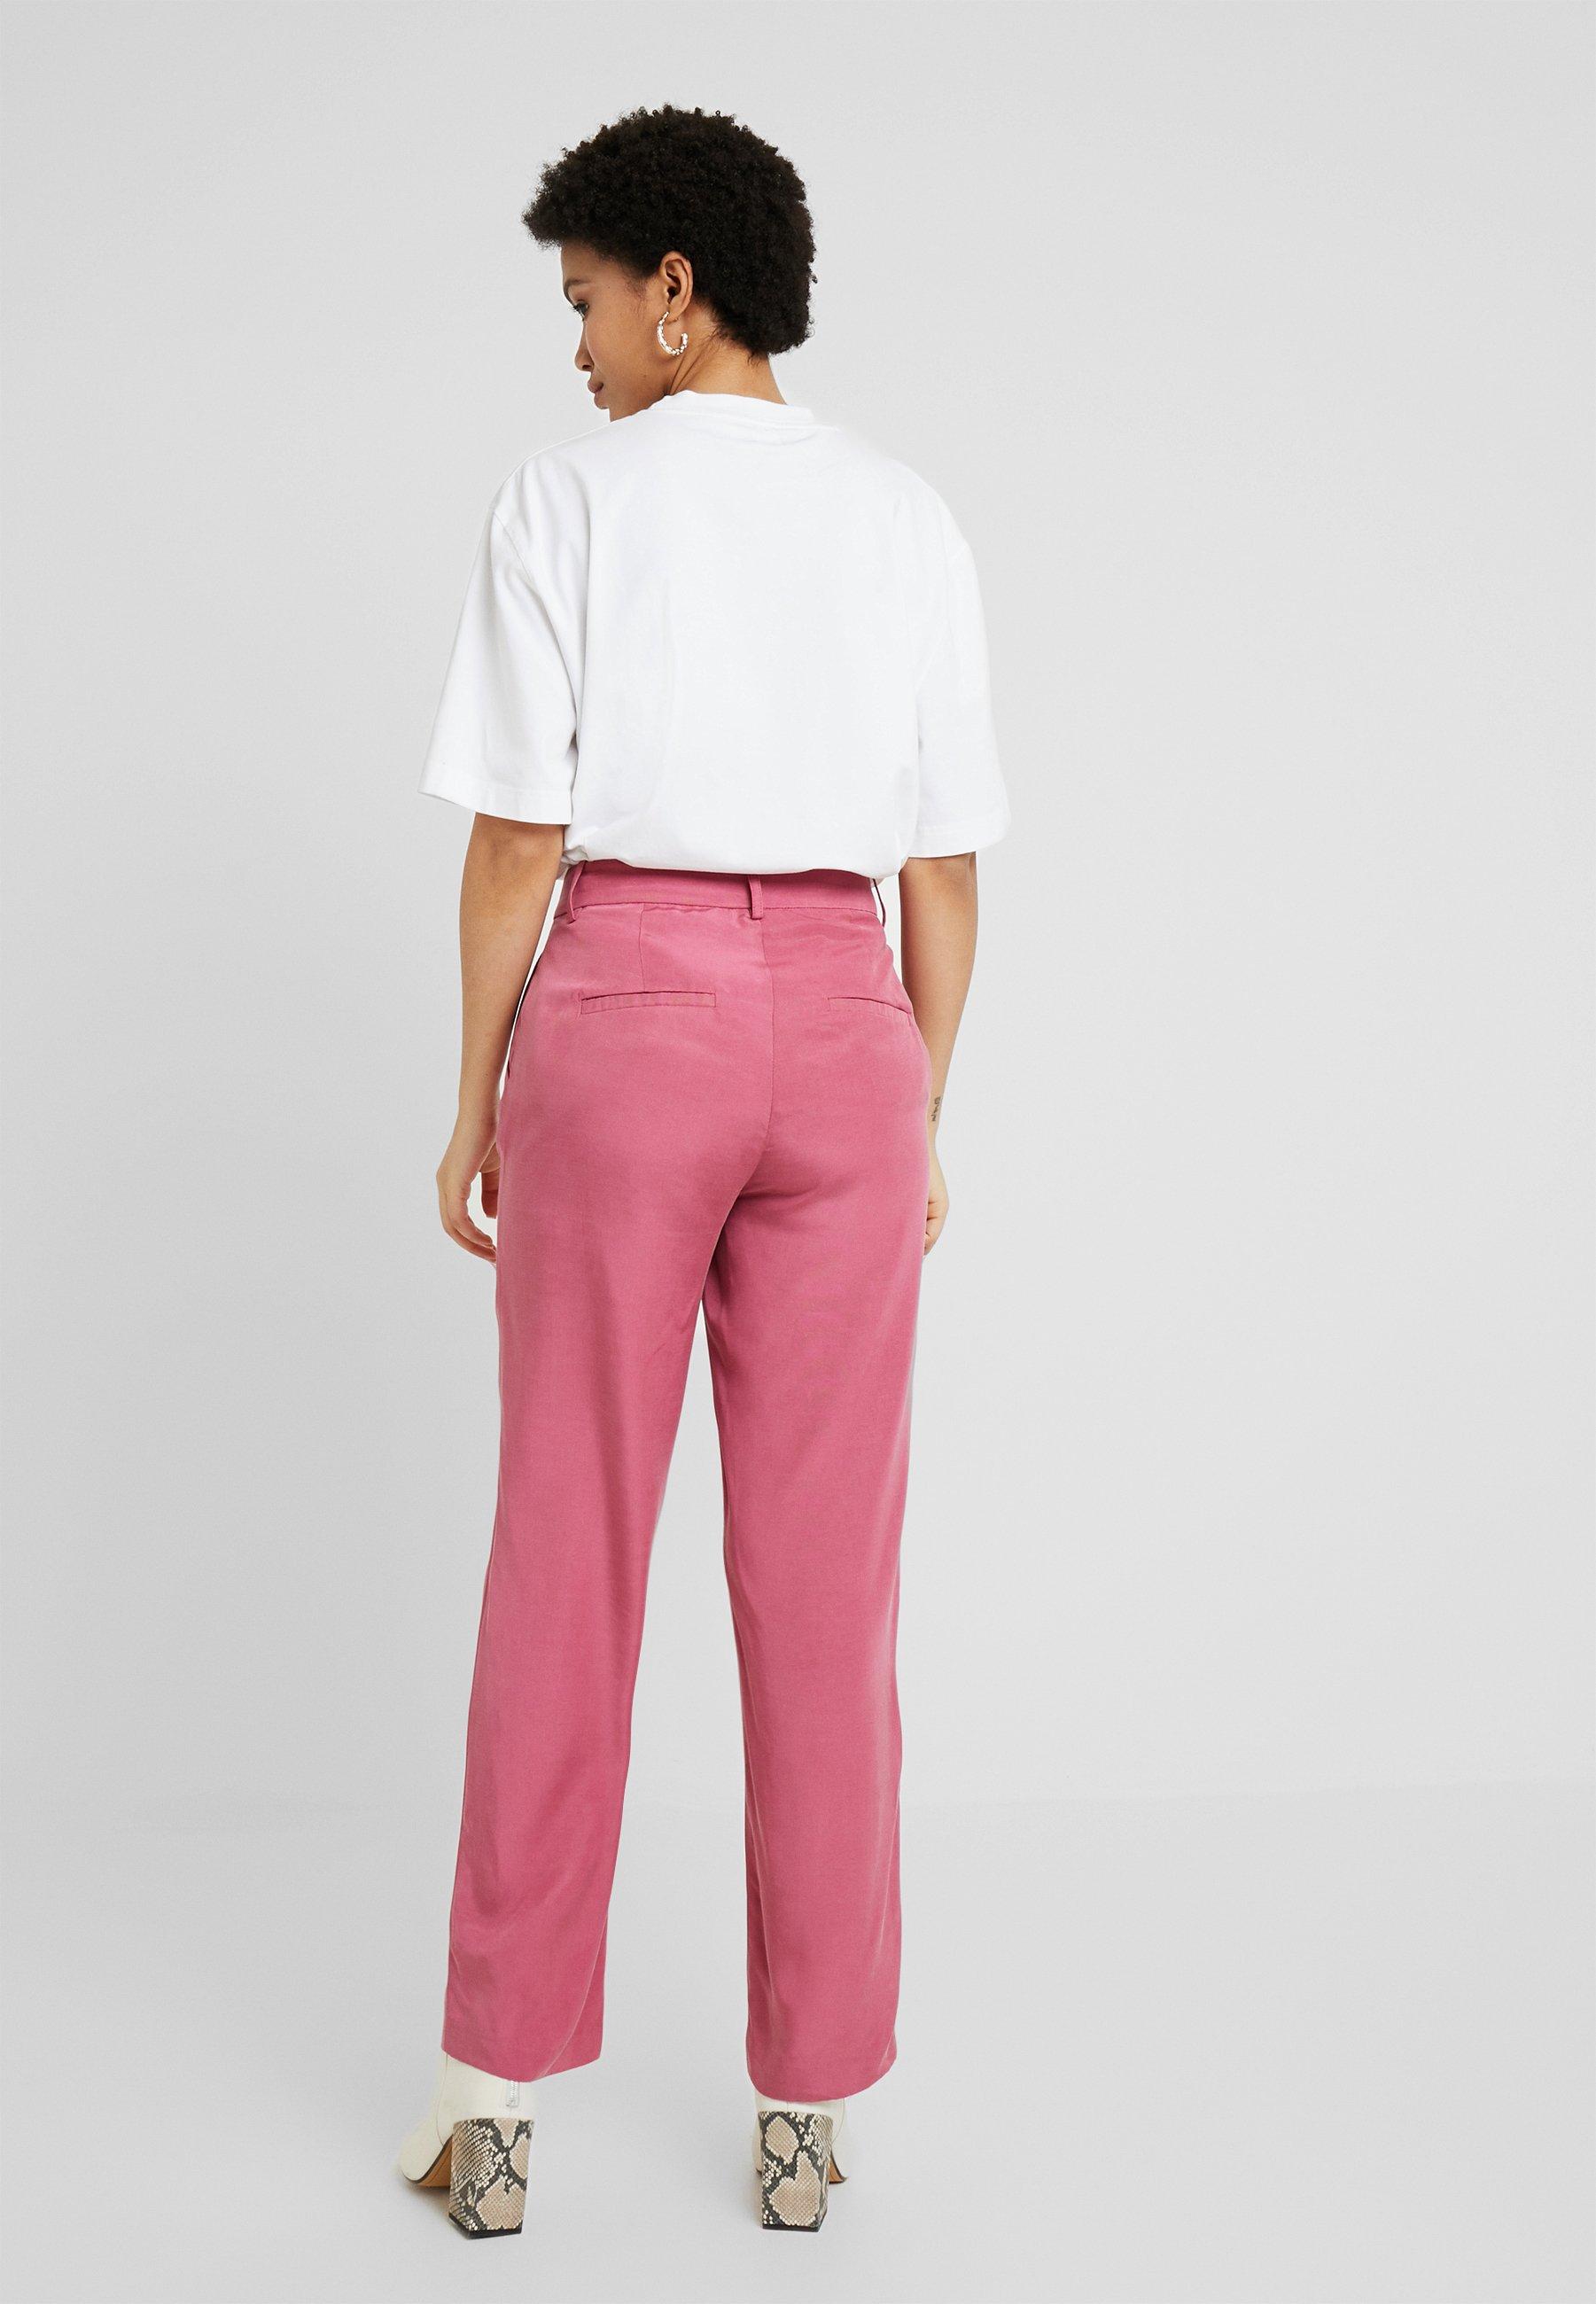 Classique Brooks Minimum Rose PantsPantalon Heather BreWQdCxo